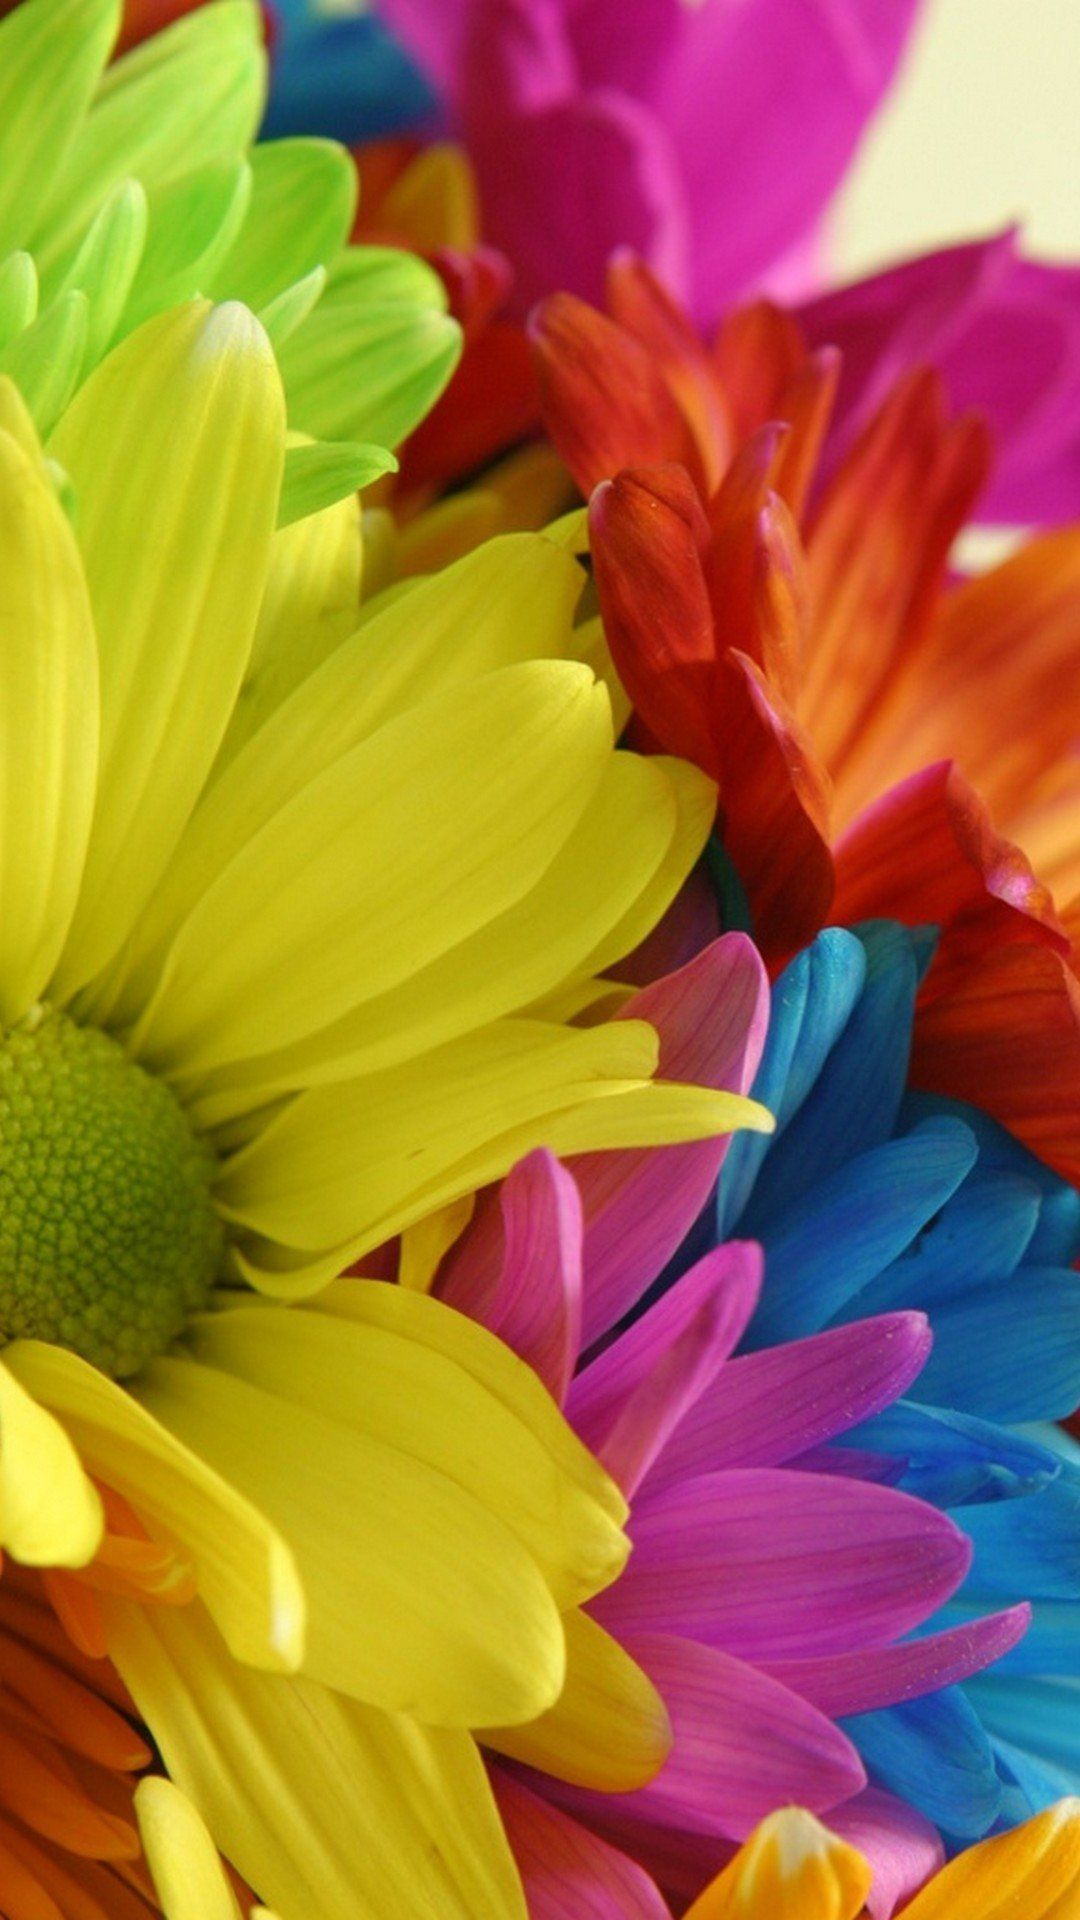 Sun Flower Colorfull Mobile Wallpaper Flower Phone Wallpaper Hd